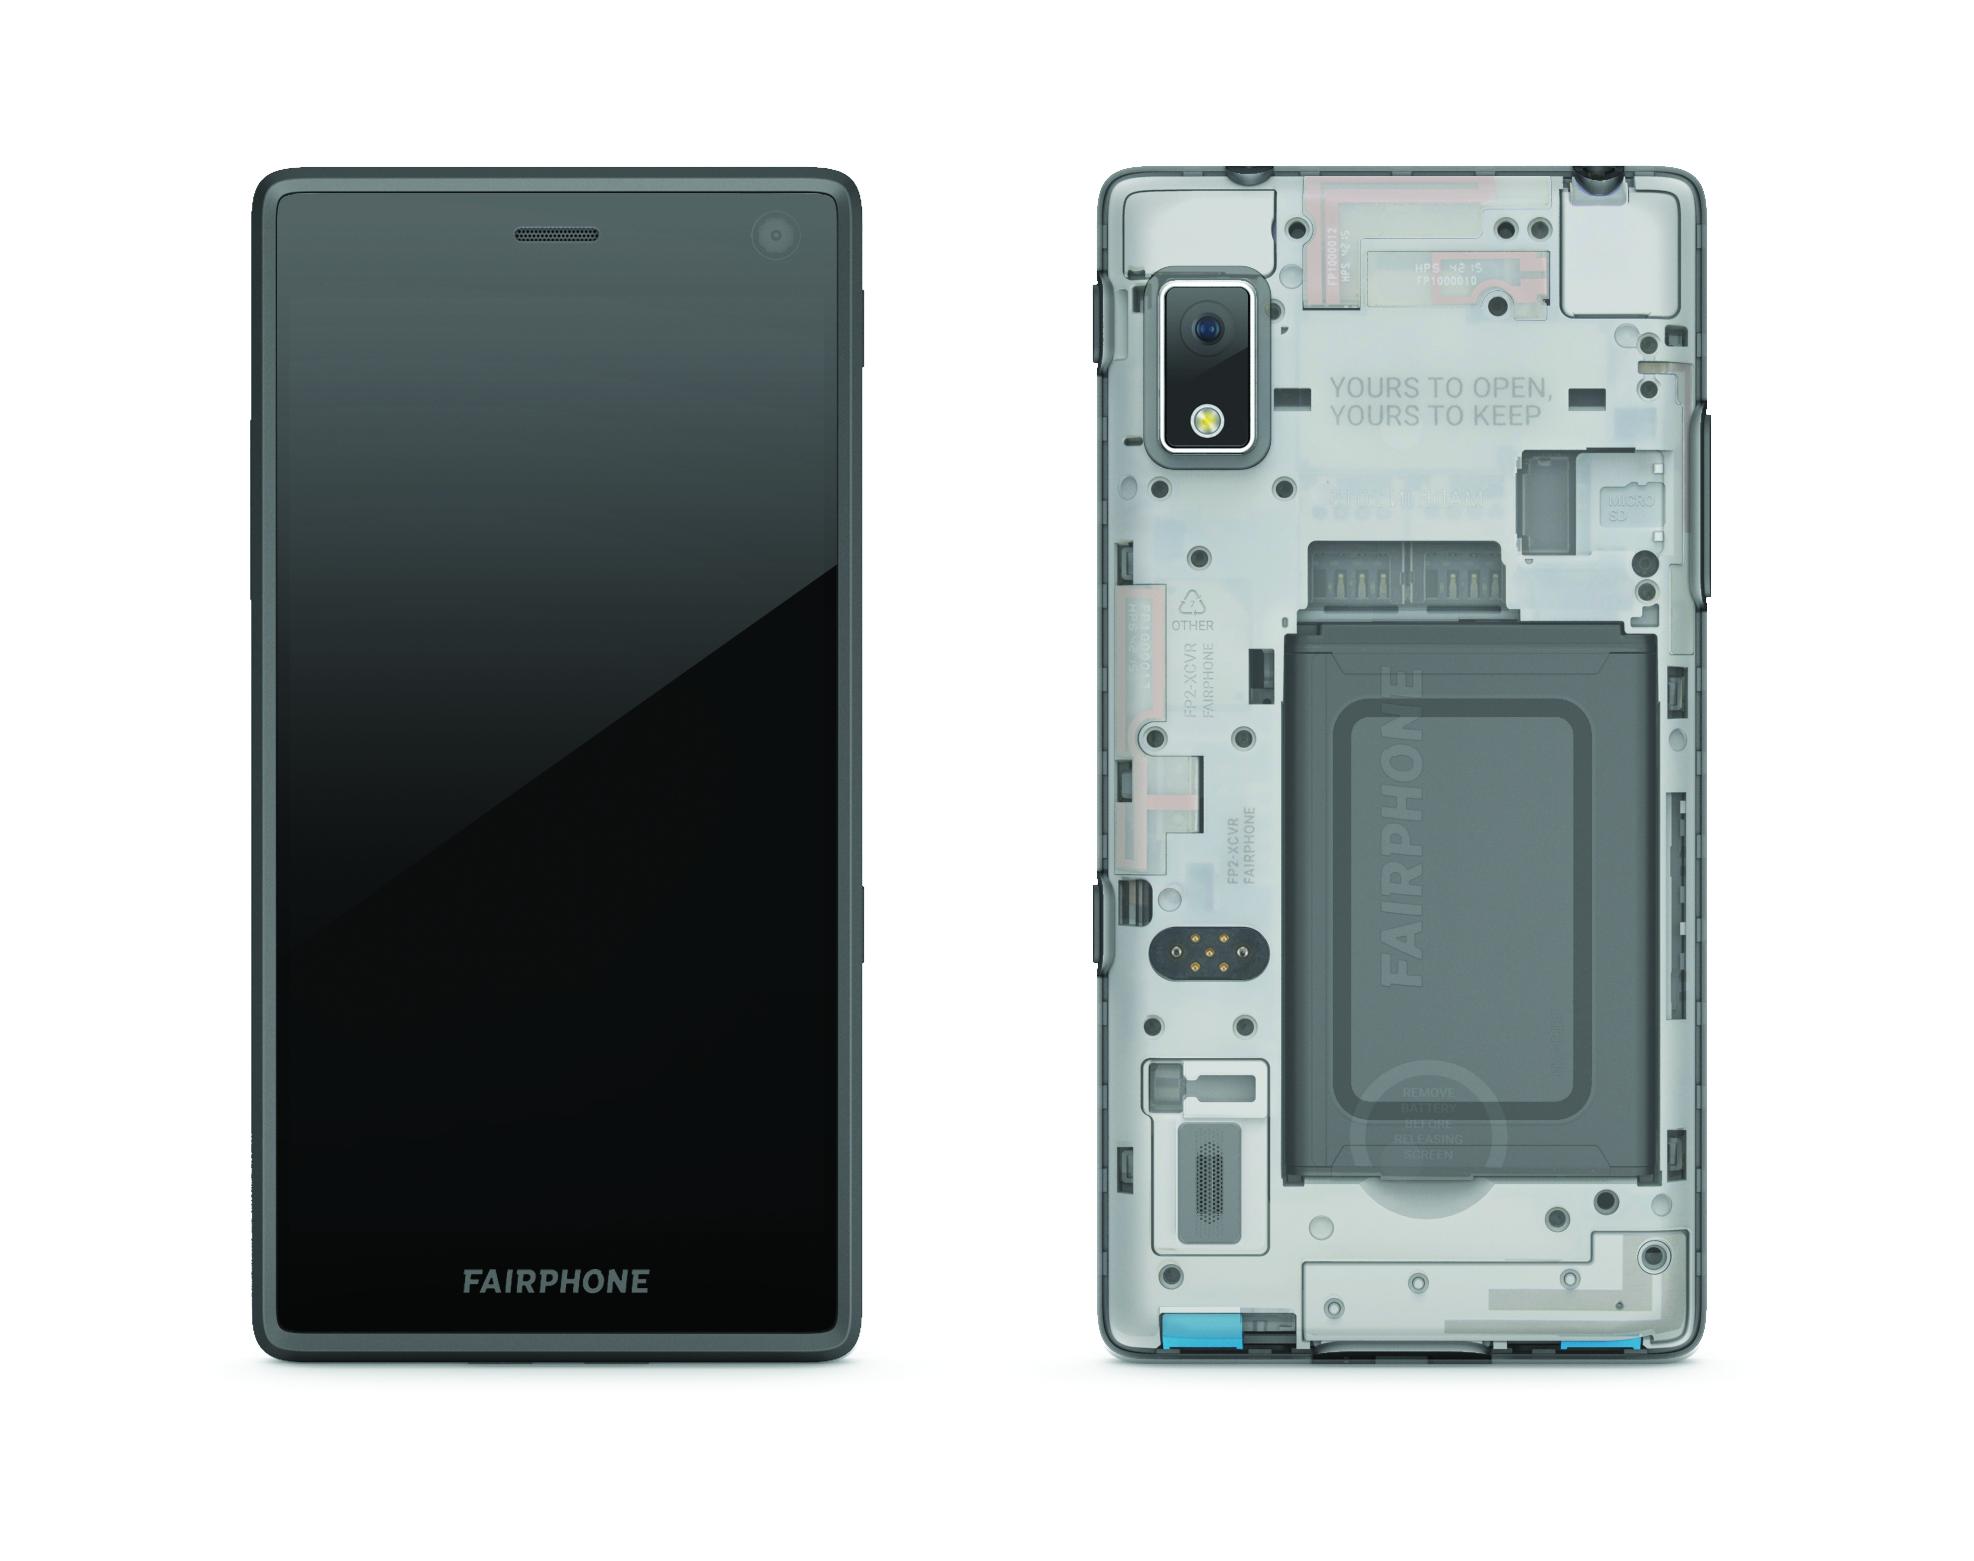 Vorderseite und Rückseite eines Fairphones